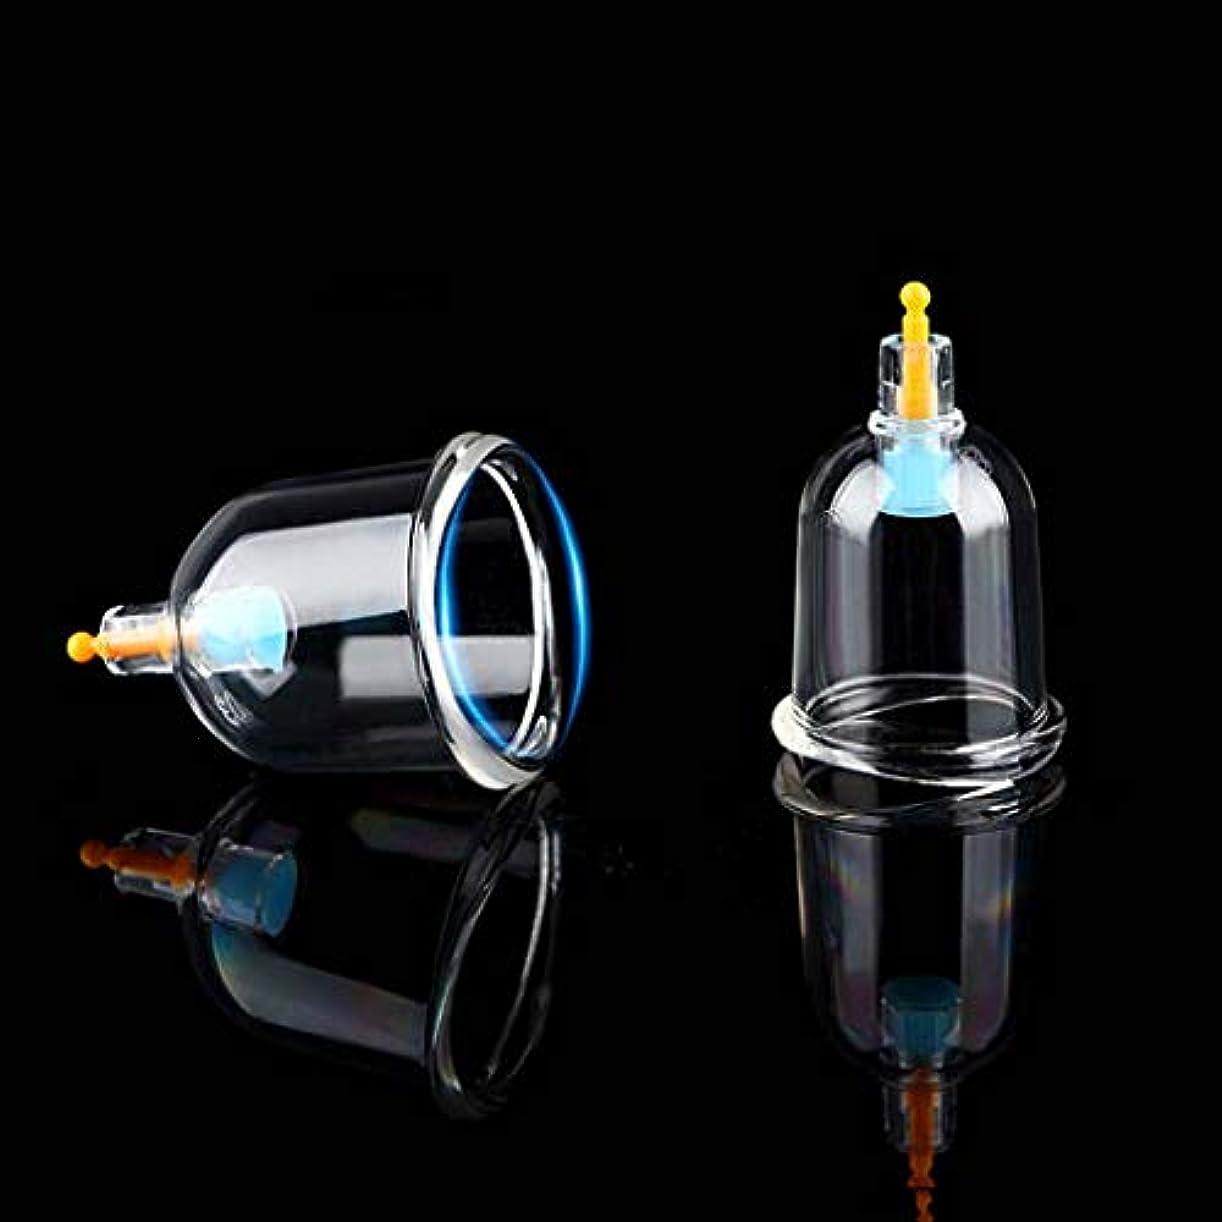 案件反対荒涼としたセットカッピング、プロフェッショナル中国のツボカッピングセラピーは真空ポンプ磁気セルライトカッピングマッサージキット-12カップで吸引カッピングセットを設定します。